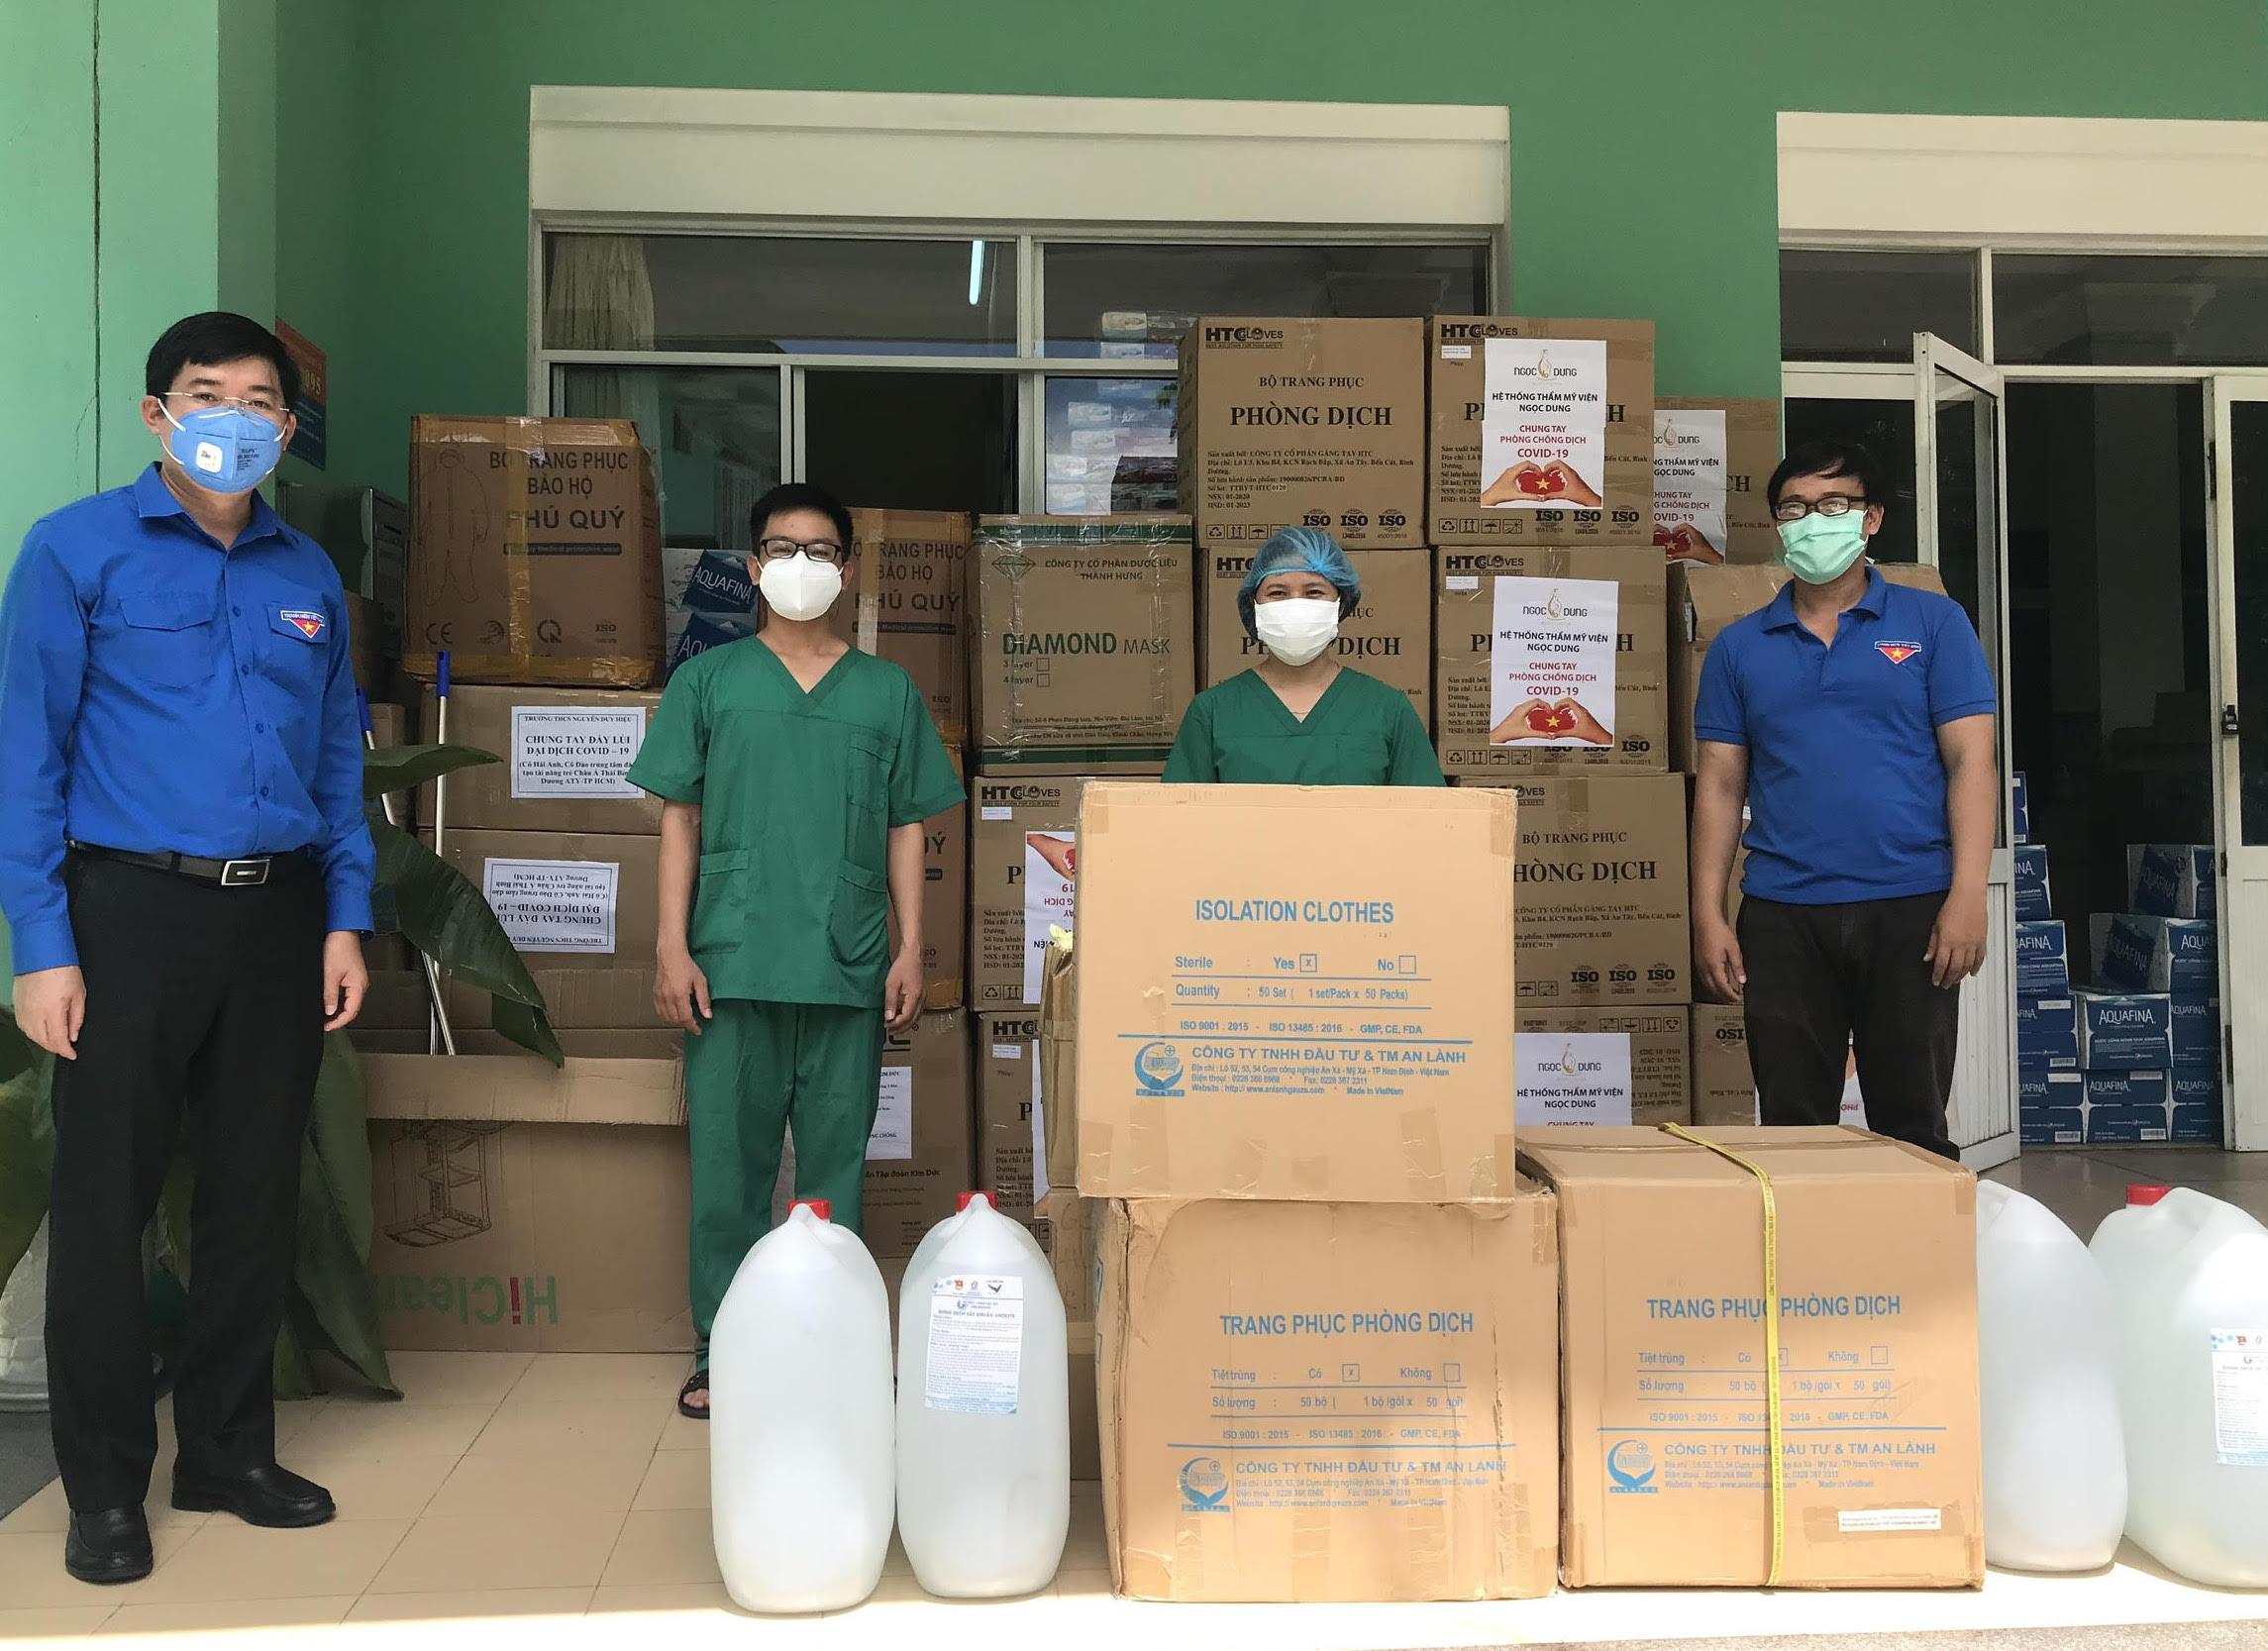 Tặng 4 700 bộ đồ bảo hộ y tế cho các bệnh viện, trung tâm y tế tại Đà Nẵng